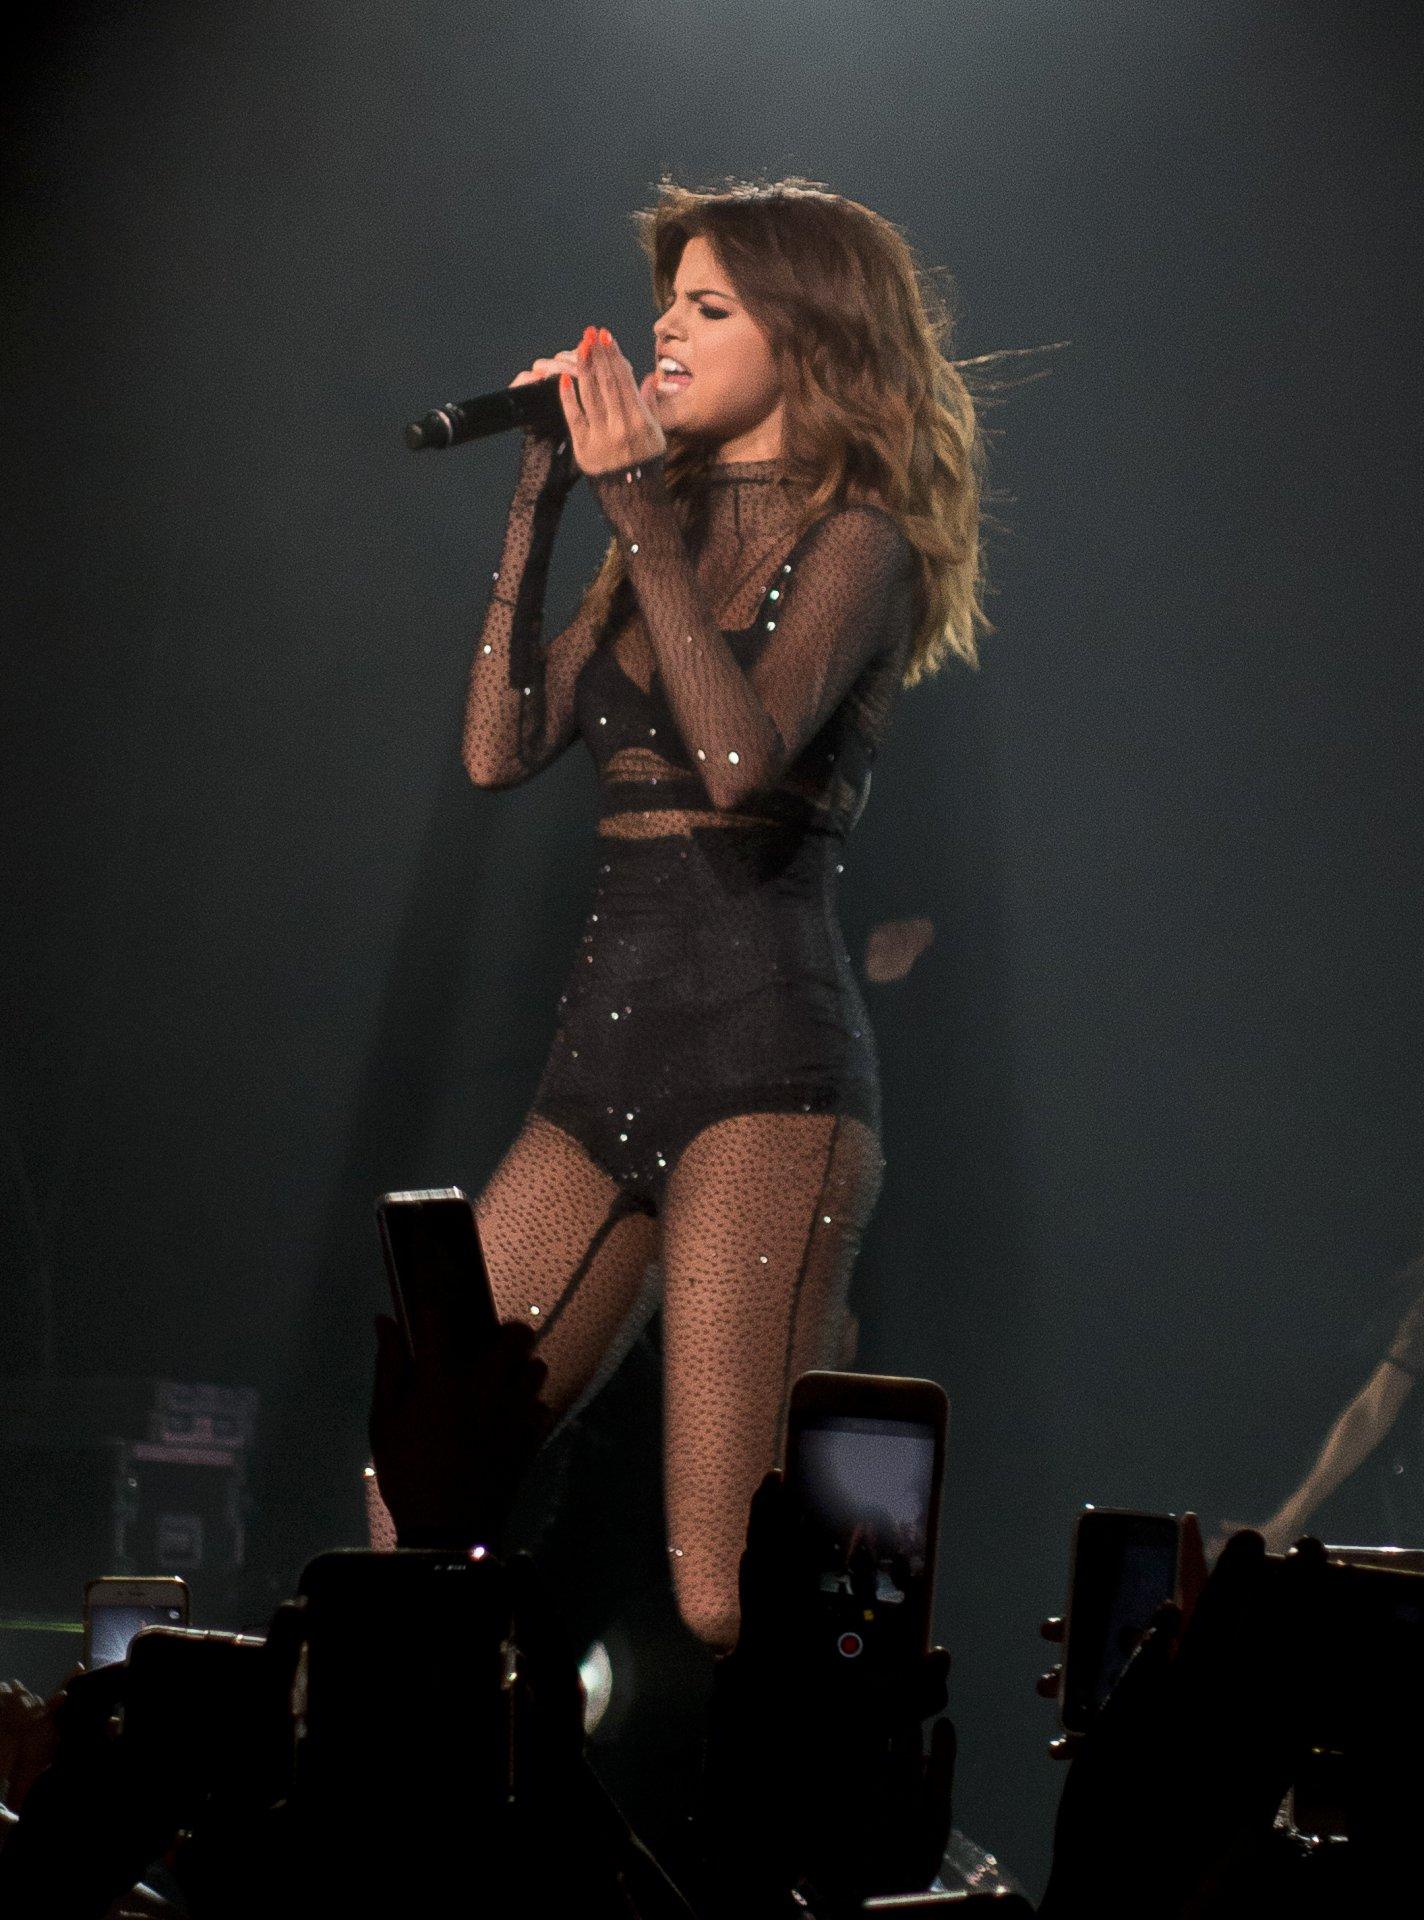 Miley Cyrus Leaked Tour Photos